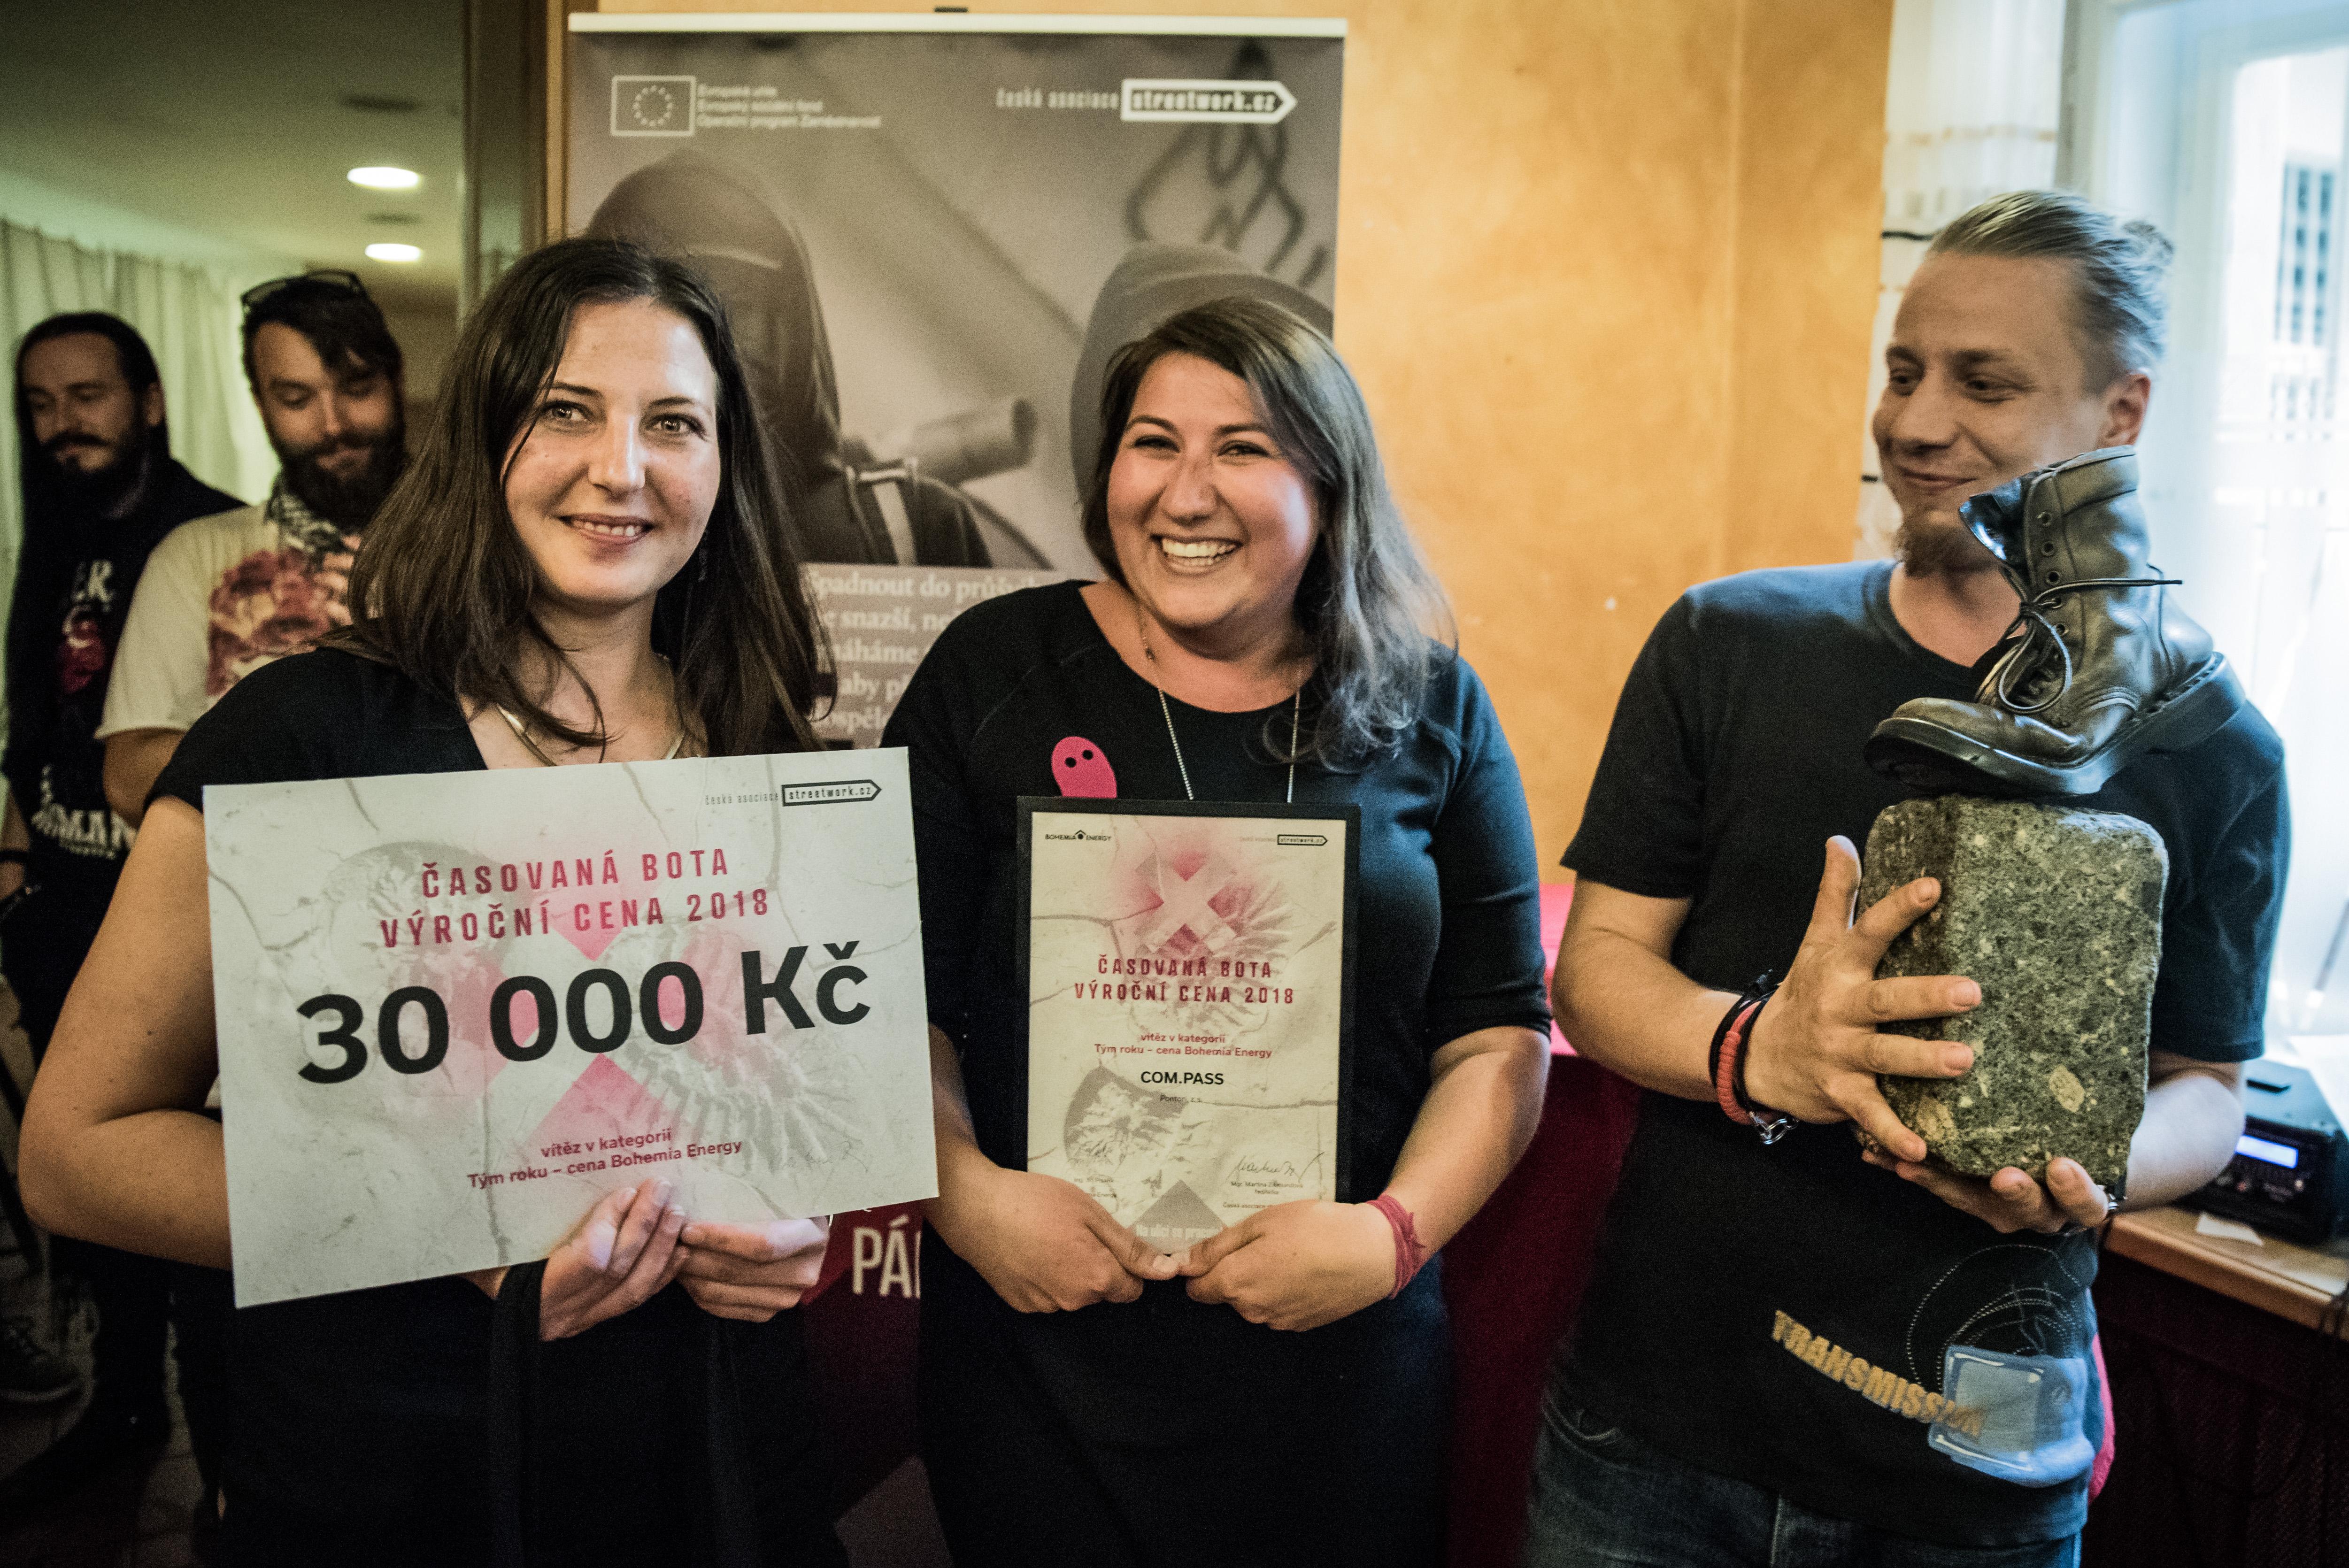 Vítěz v kategorii Tým roku 2018 - Cena Bohemia Energy: Tým COM.PASS, Ponton z.s.